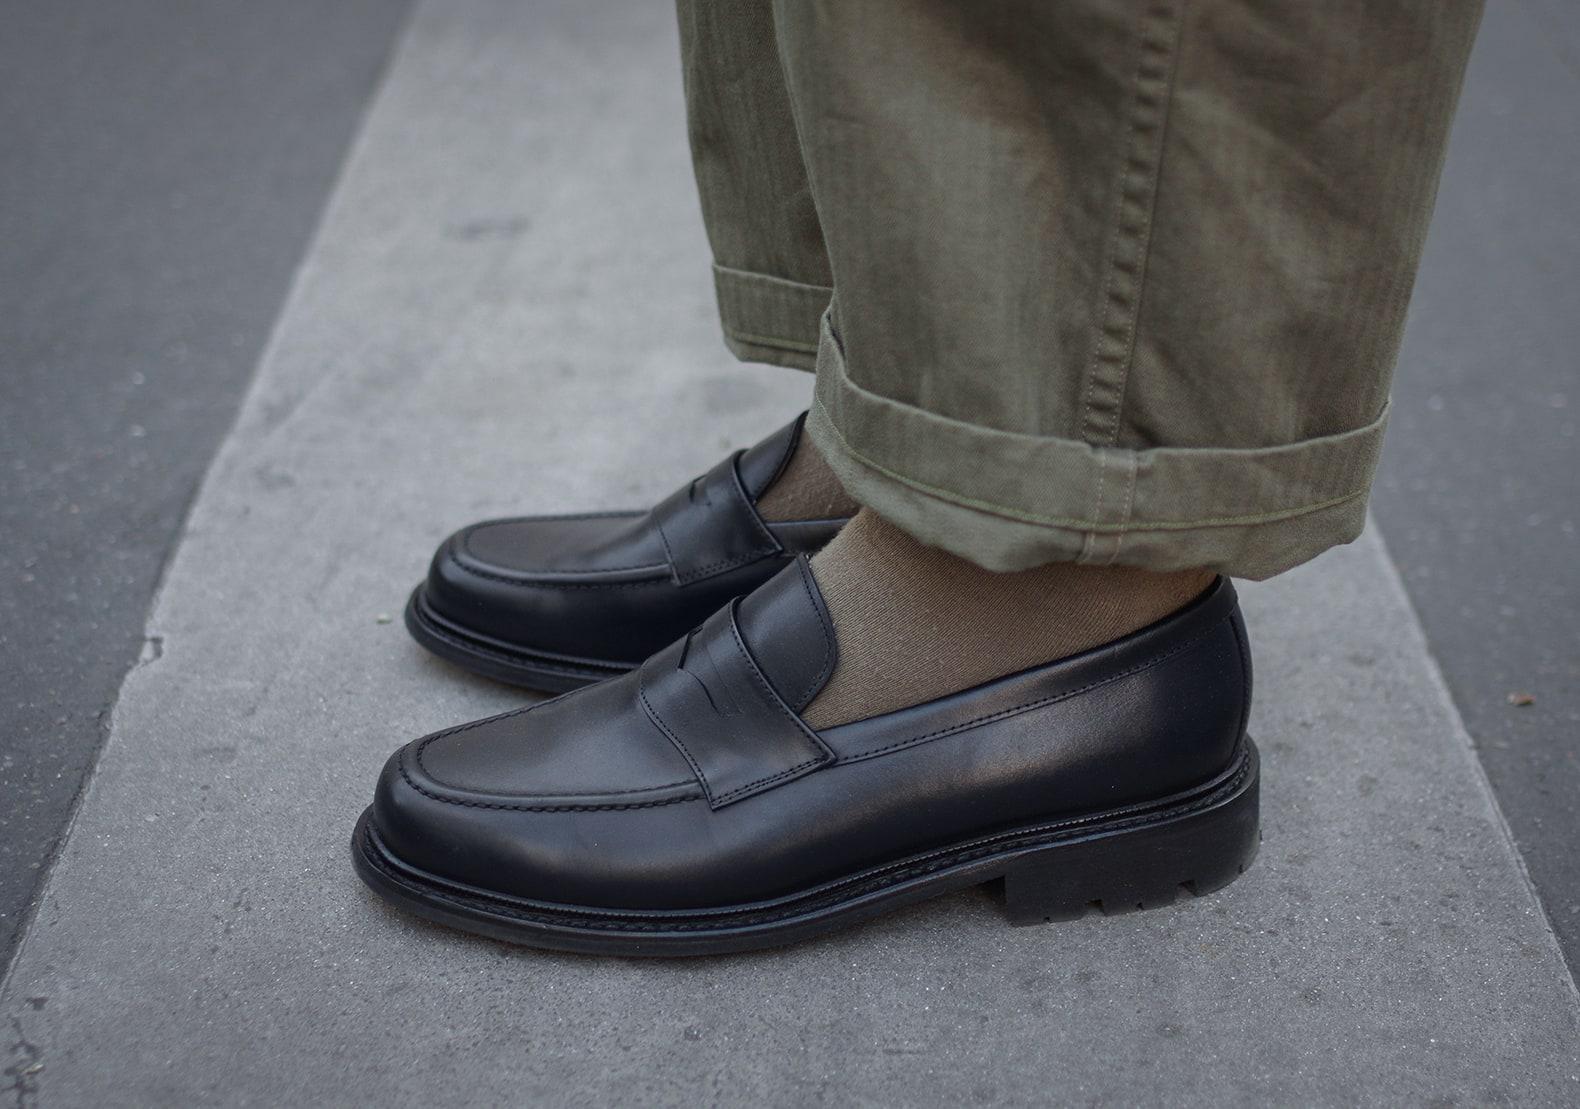 mocassin noir max sauveur à semelle commando avec chaussettes vert militaire et pantalon armée